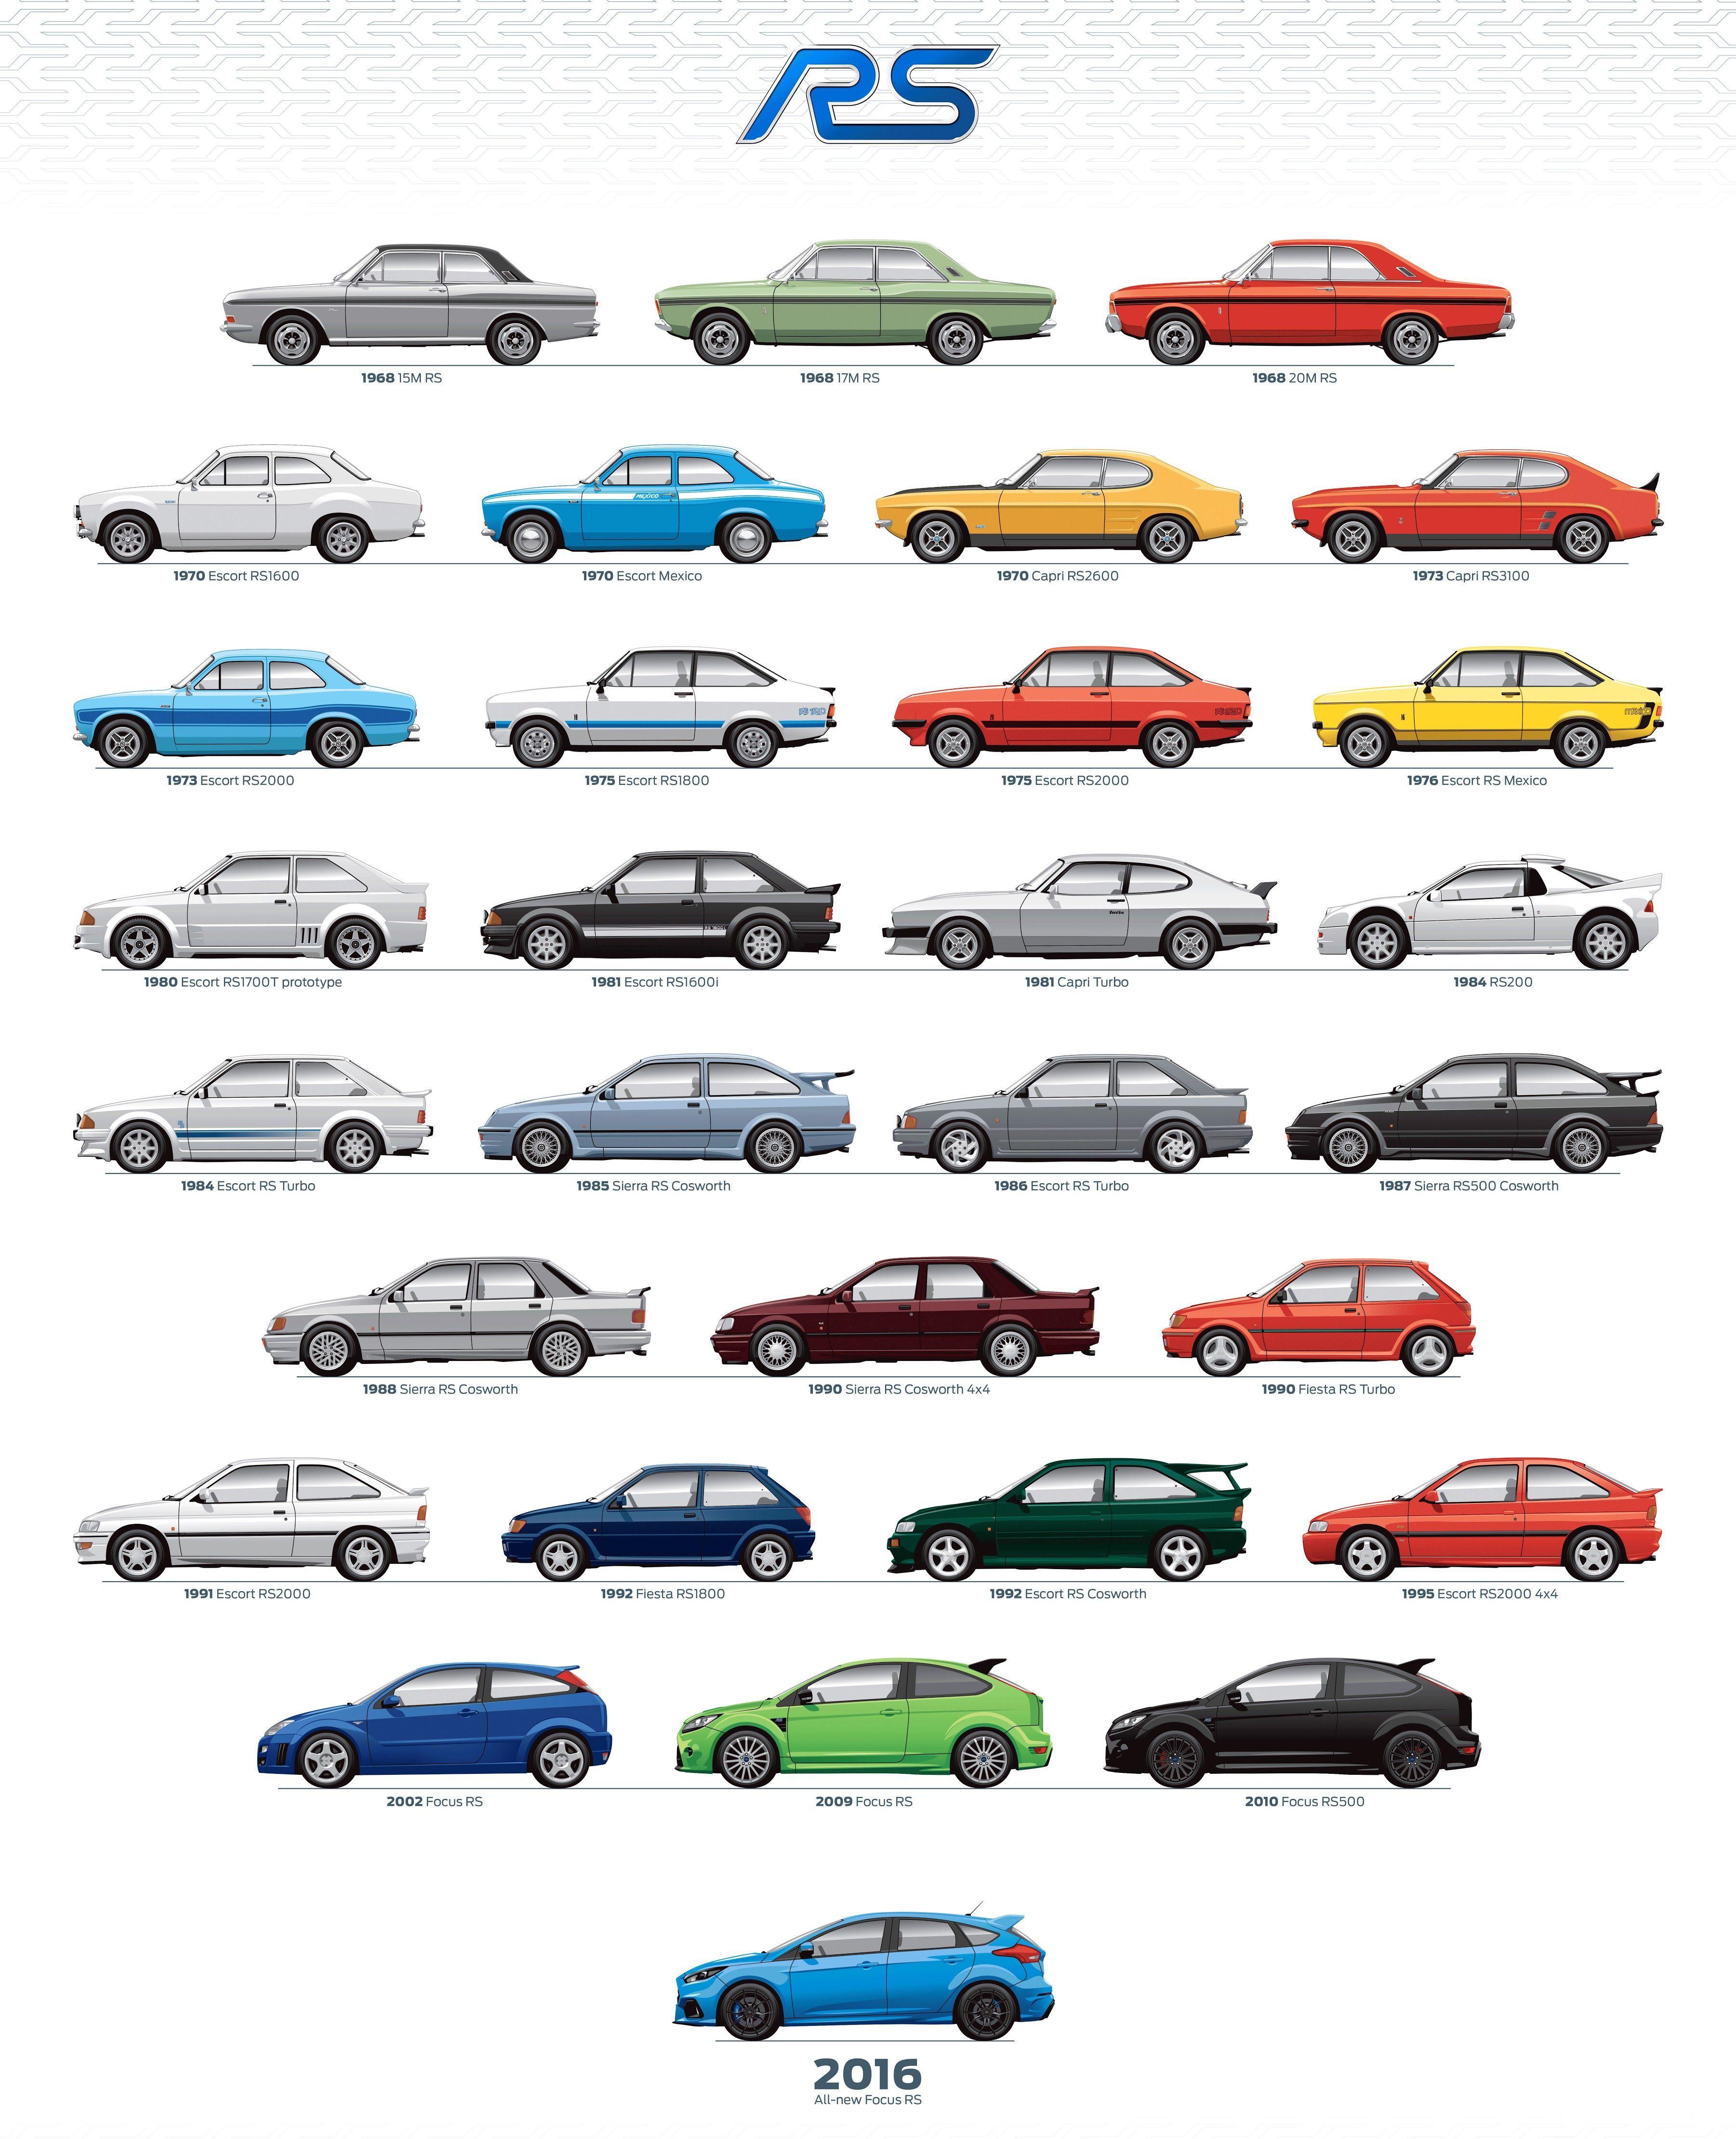 Pin von boaiteyk@gmail.com auf cars | Pinterest